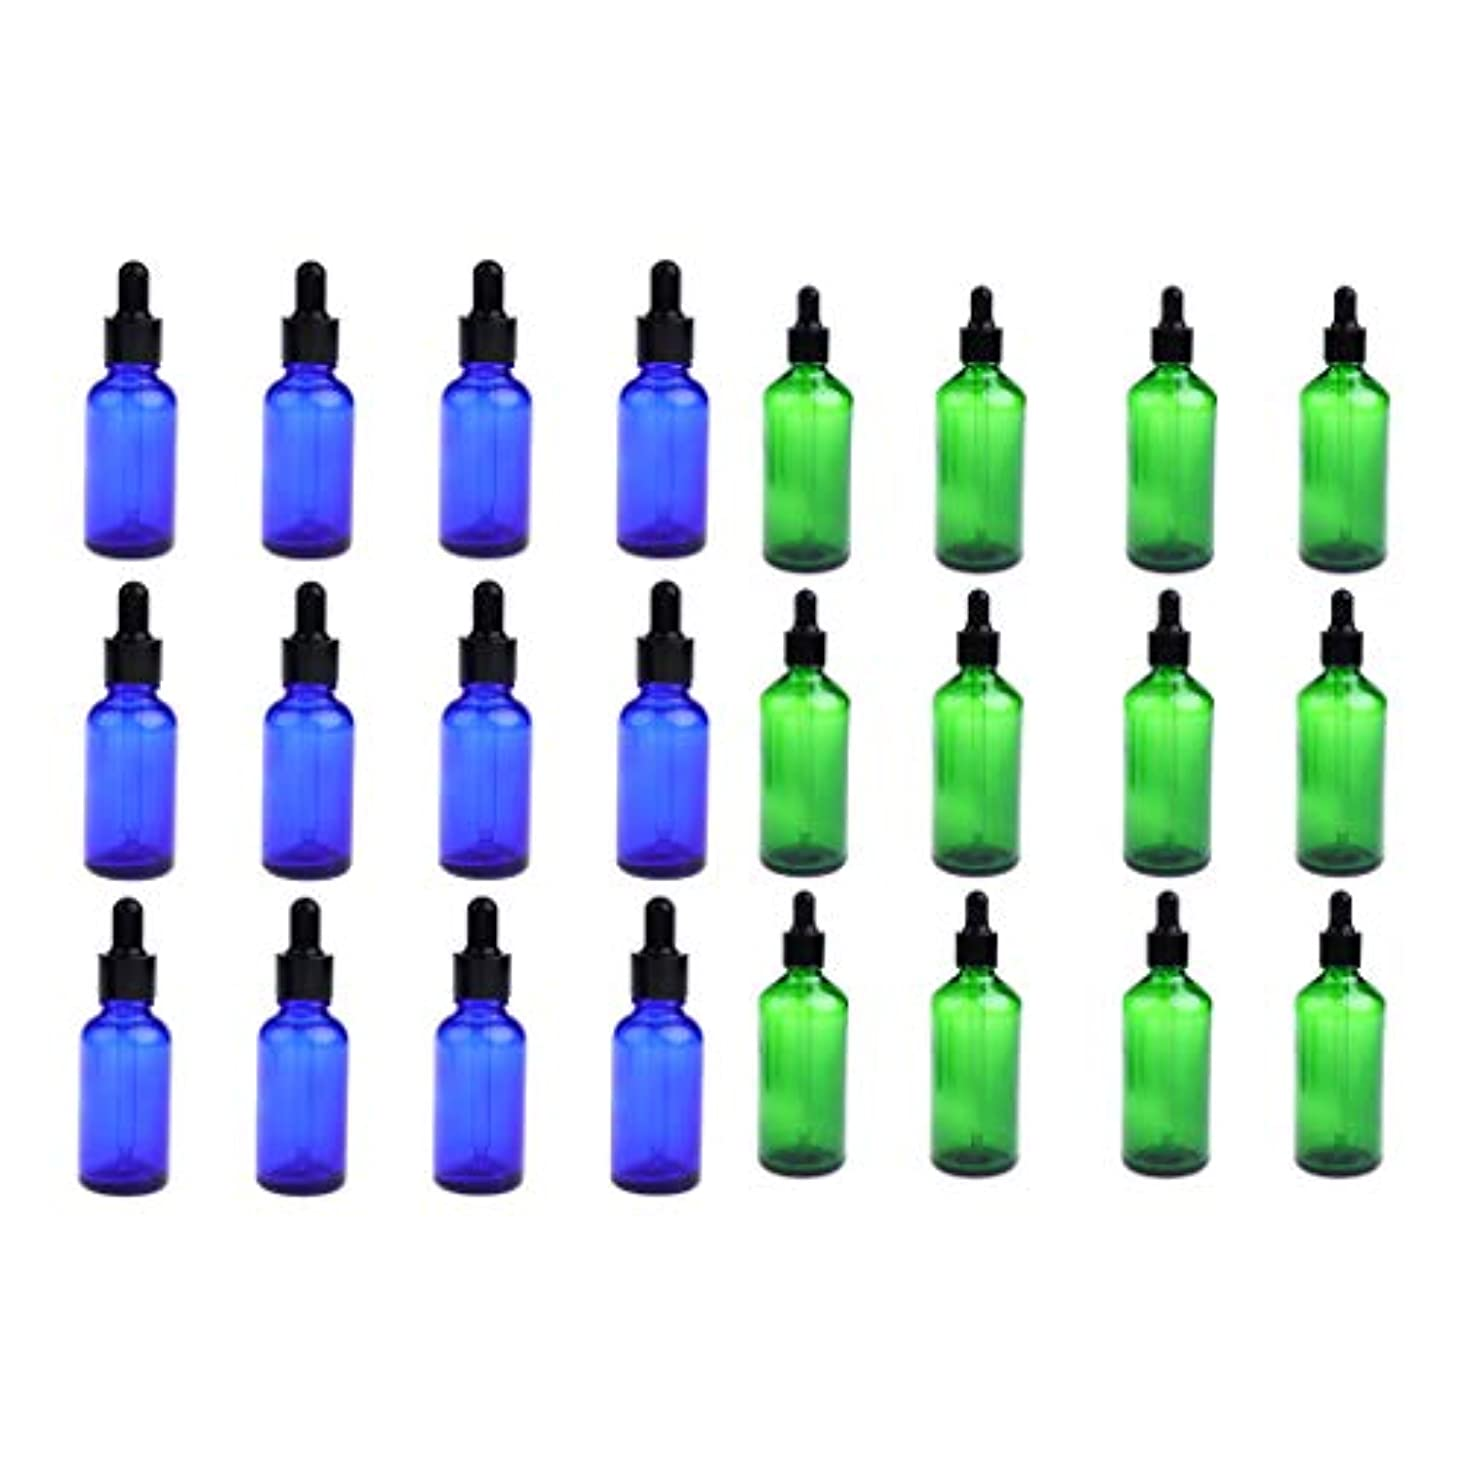 爪対監査Hellery スポイト 瓶 遮光 スポイトボトル エッセンシャルボトル プラスチック マッサージ 美容院 アロマテラピー